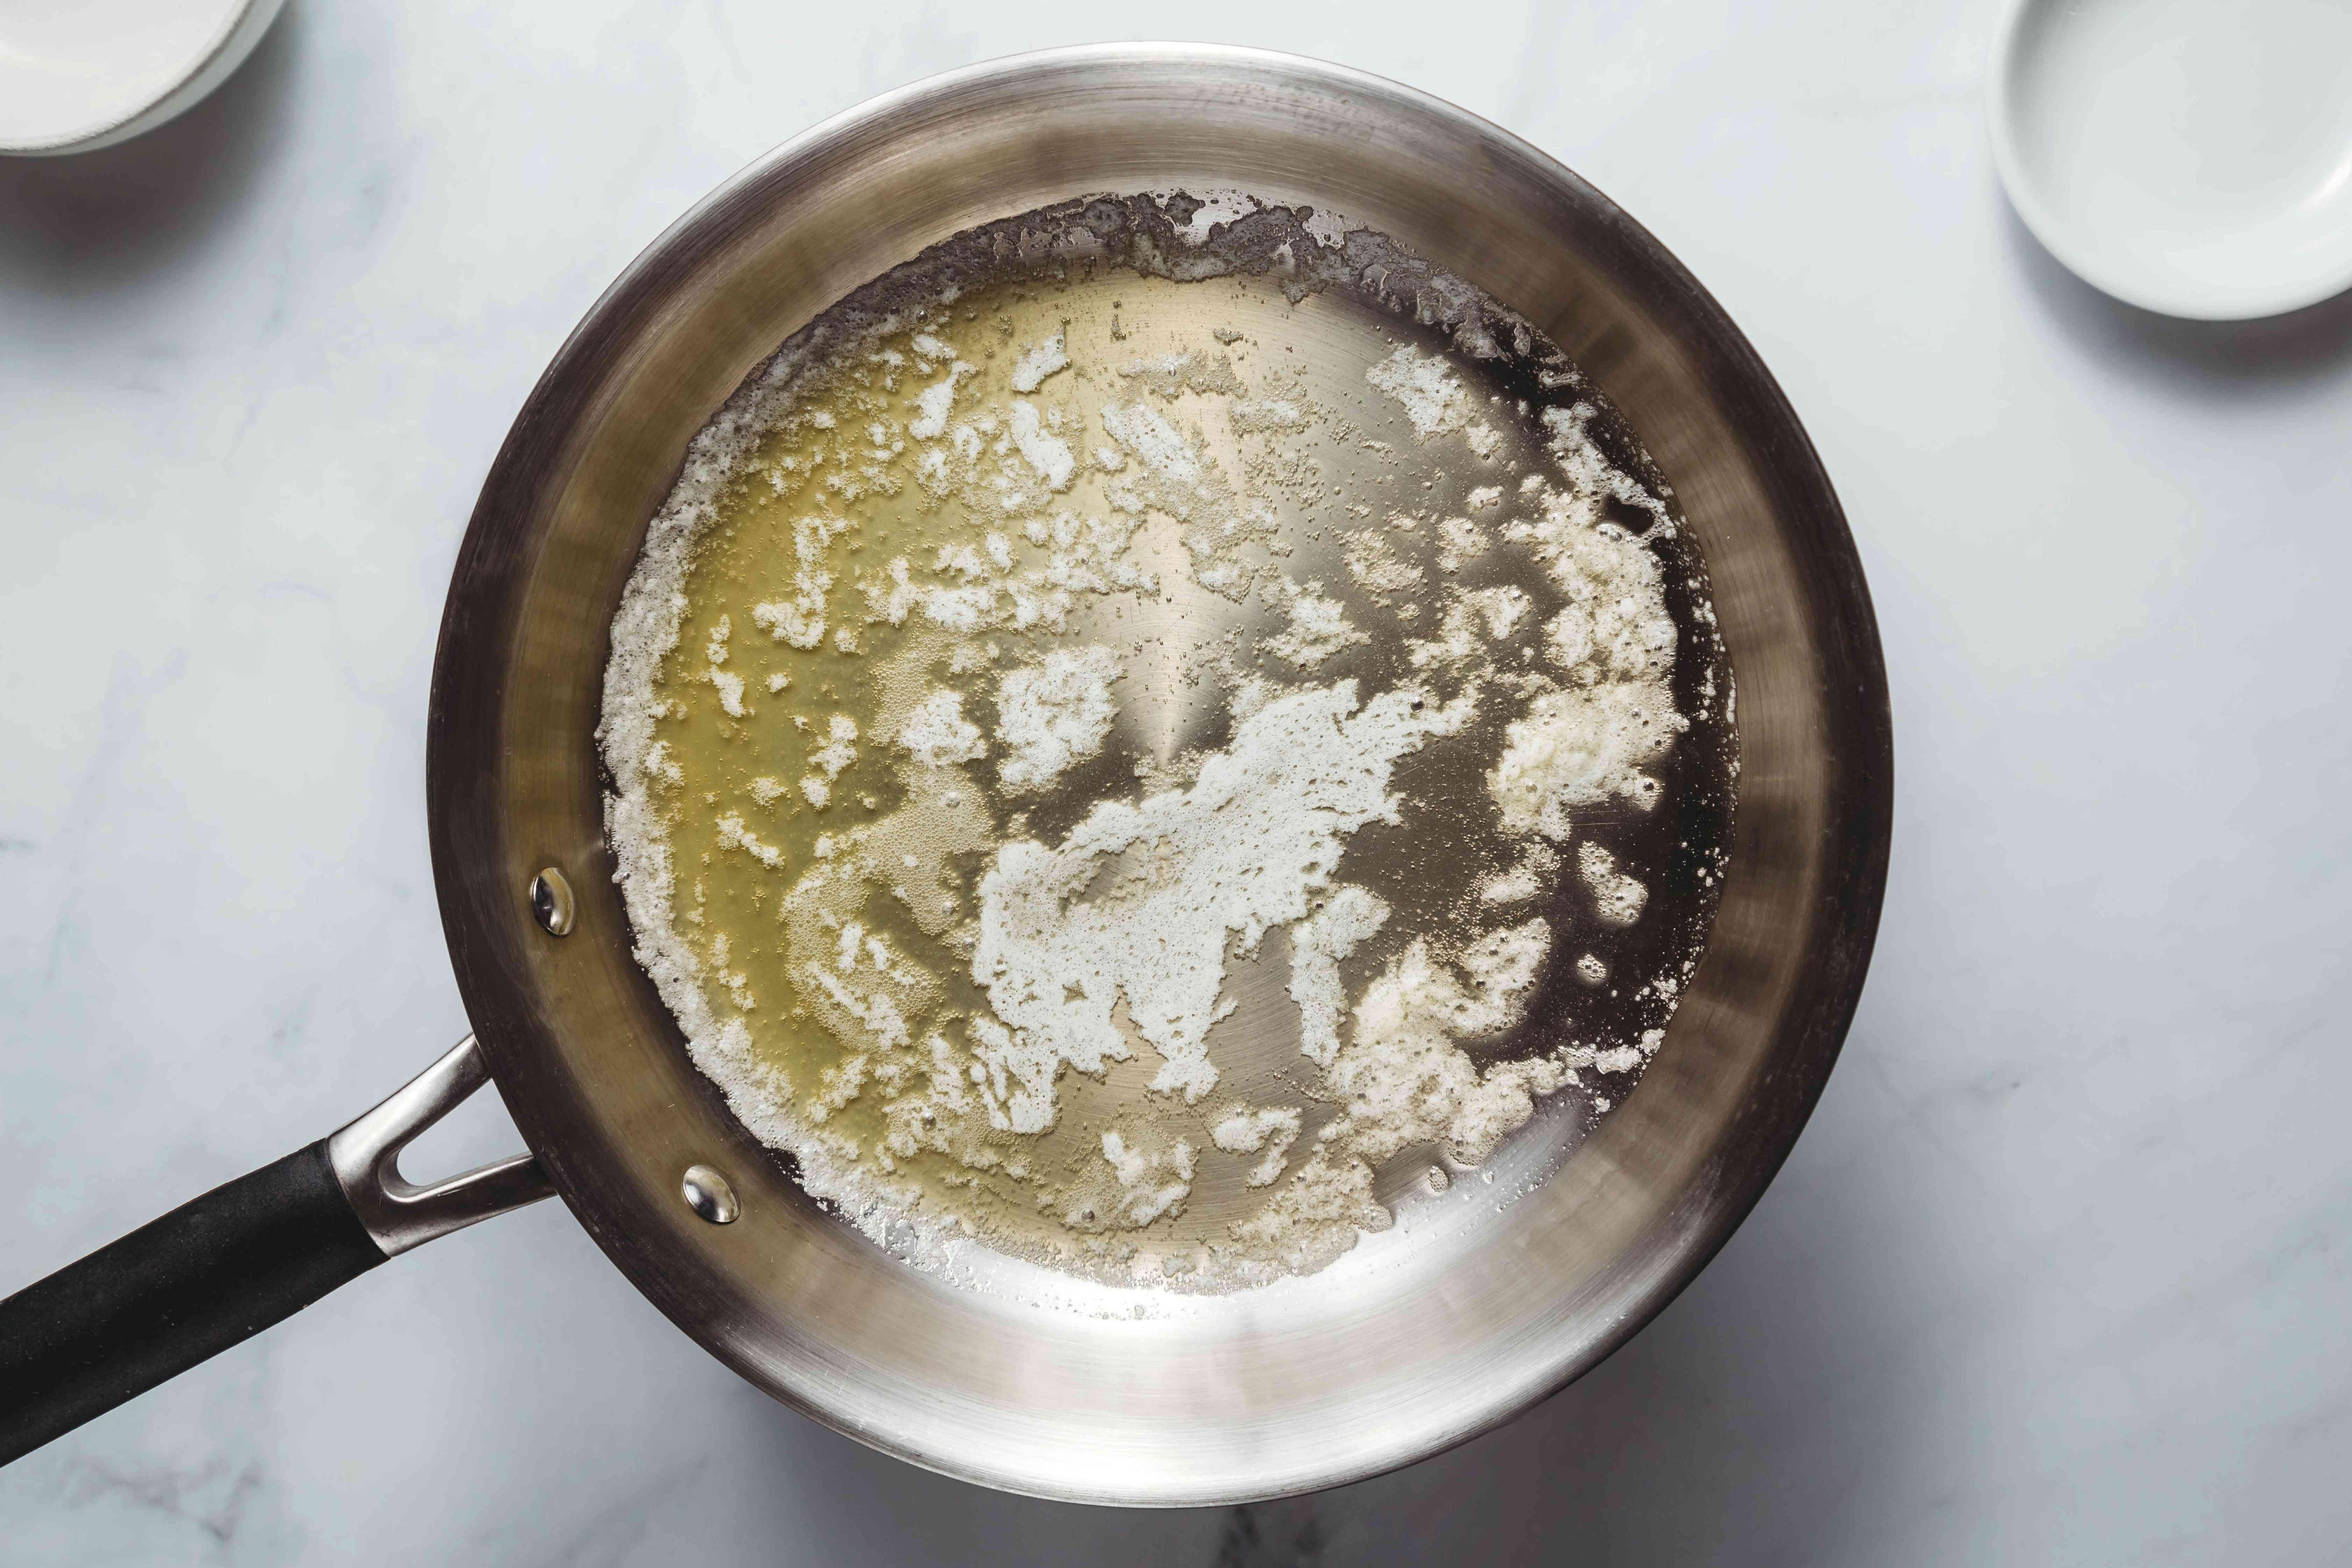 Butter in a saucepan